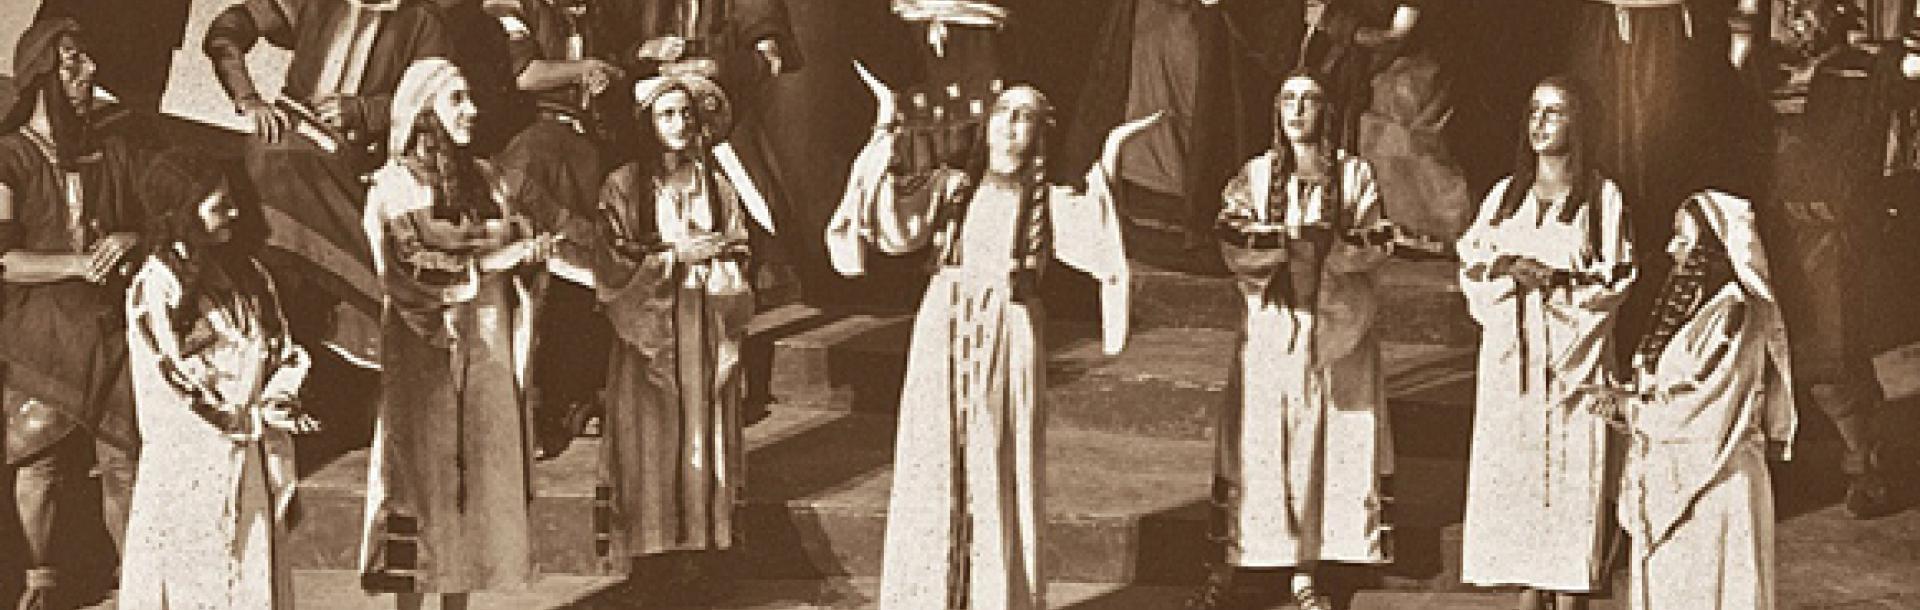 ירמיהו מאת סטפן צווייג, בבימויו של משה הלוי, אהל, 1929